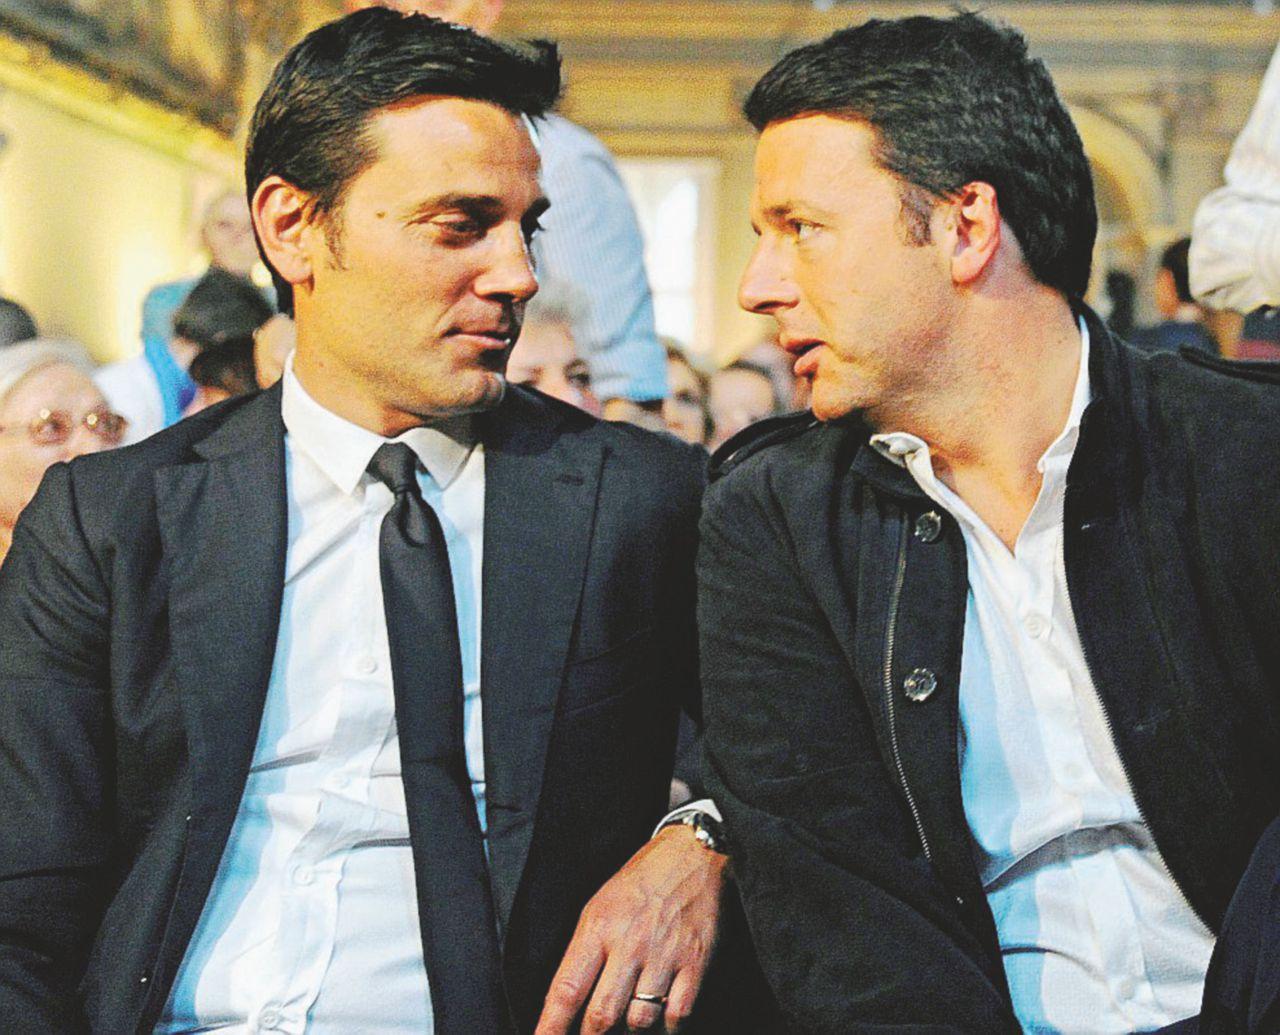 Matteo Renzi rottama anche Ventura: vuole Montella allenatore della nazionale dopo Conte